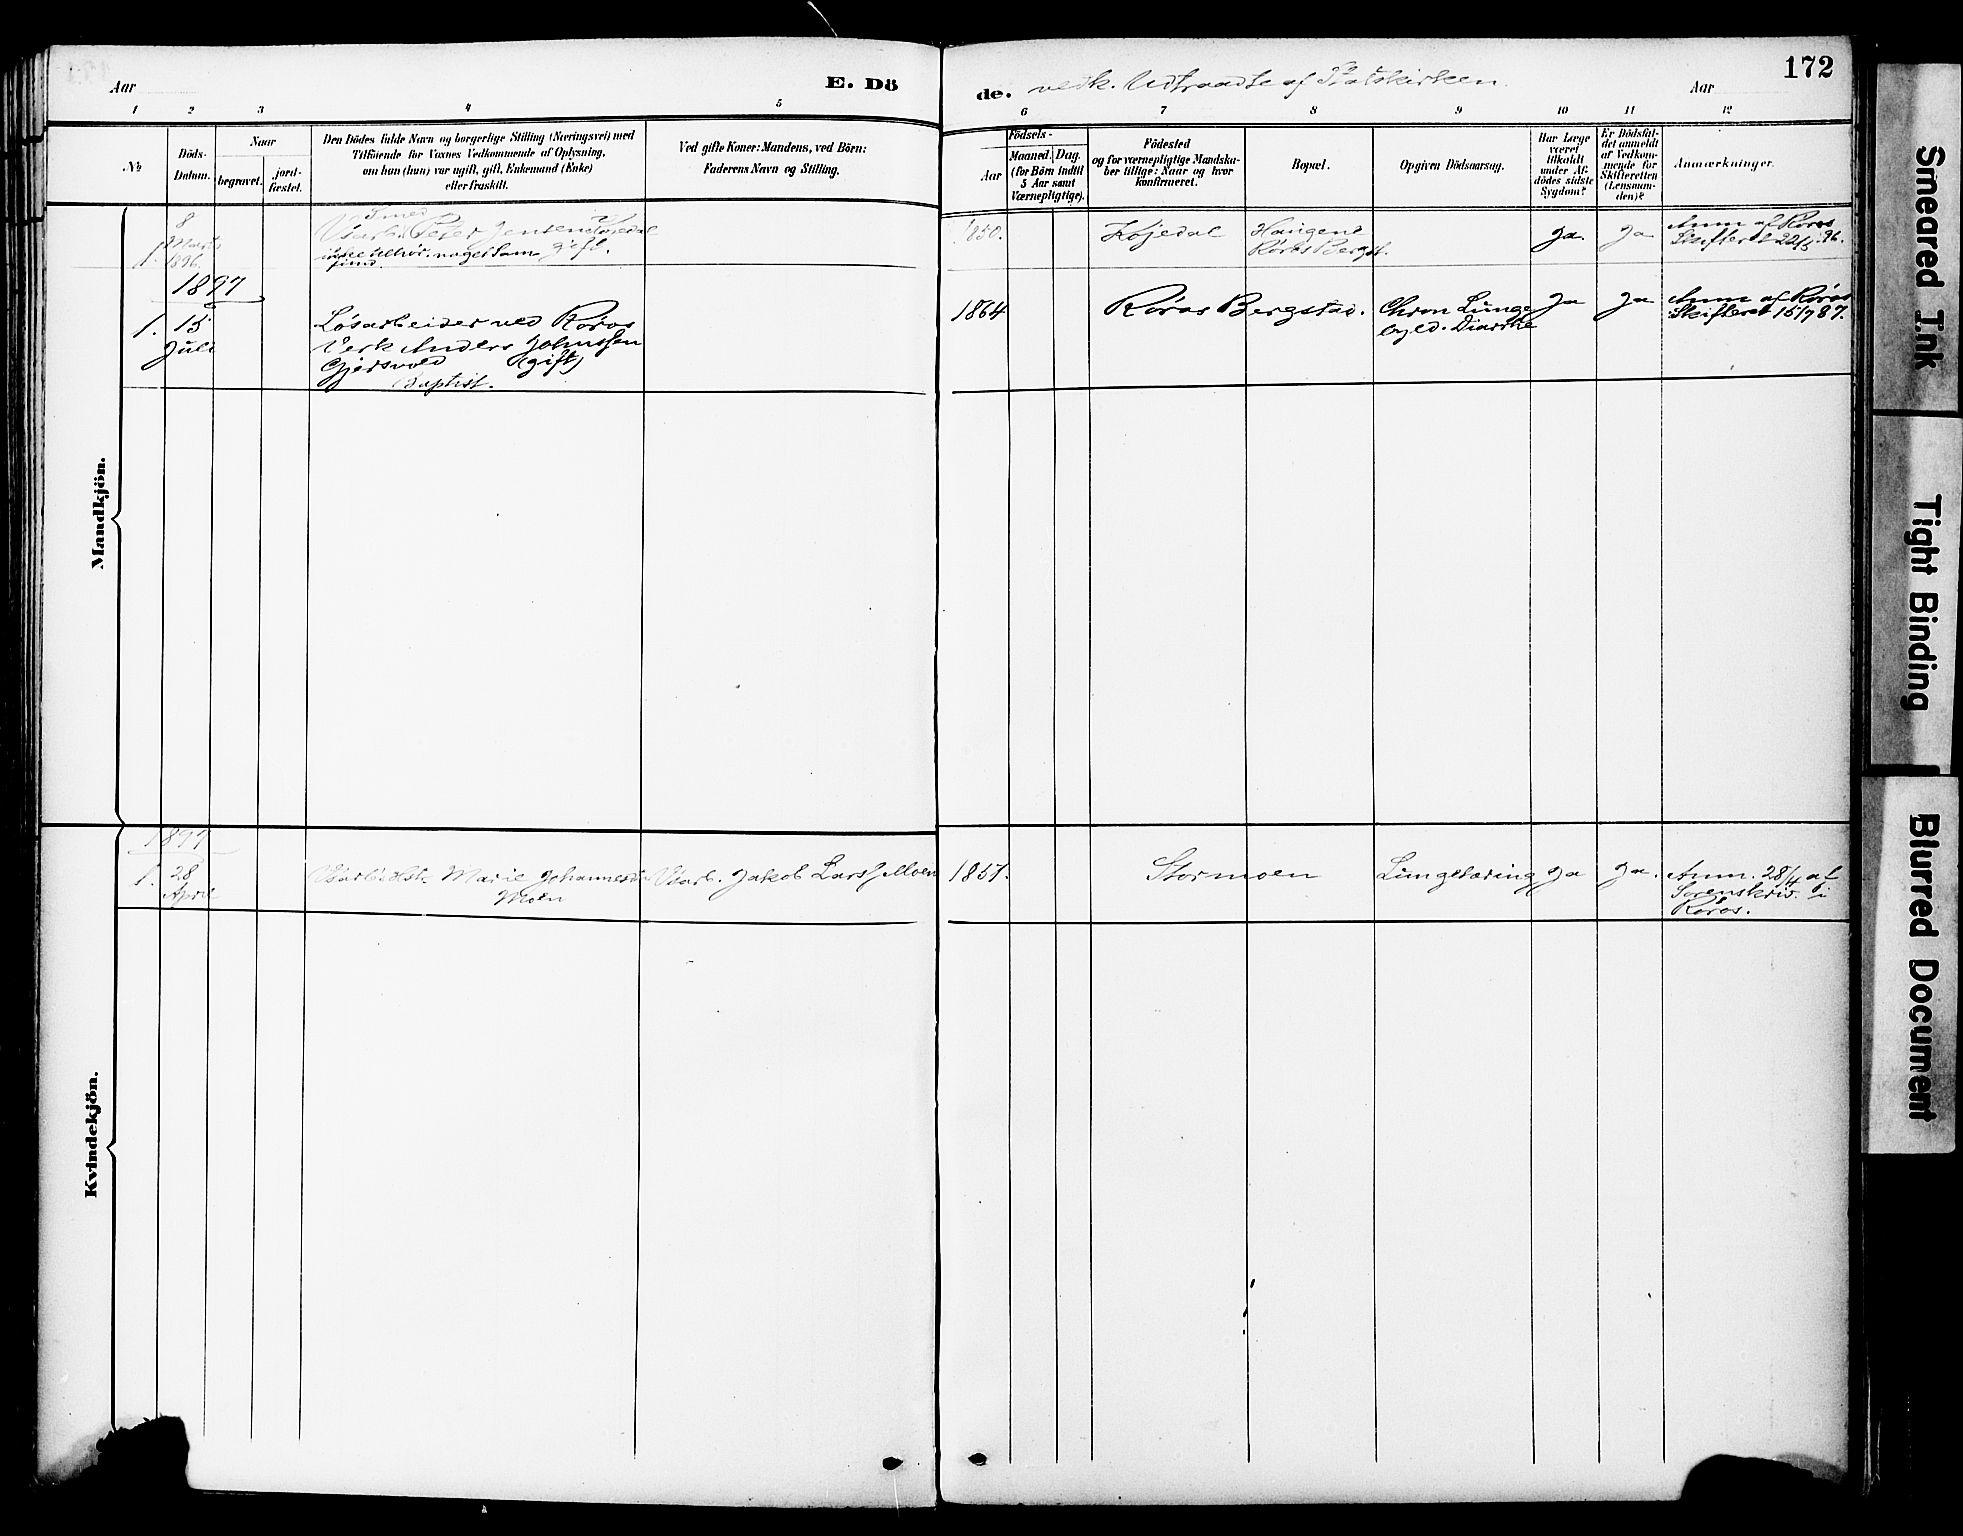 SAT, Ministerialprotokoller, klokkerbøker og fødselsregistre - Sør-Trøndelag, 681/L0935: Ministerialbok nr. 681A13, 1890-1898, s. 172